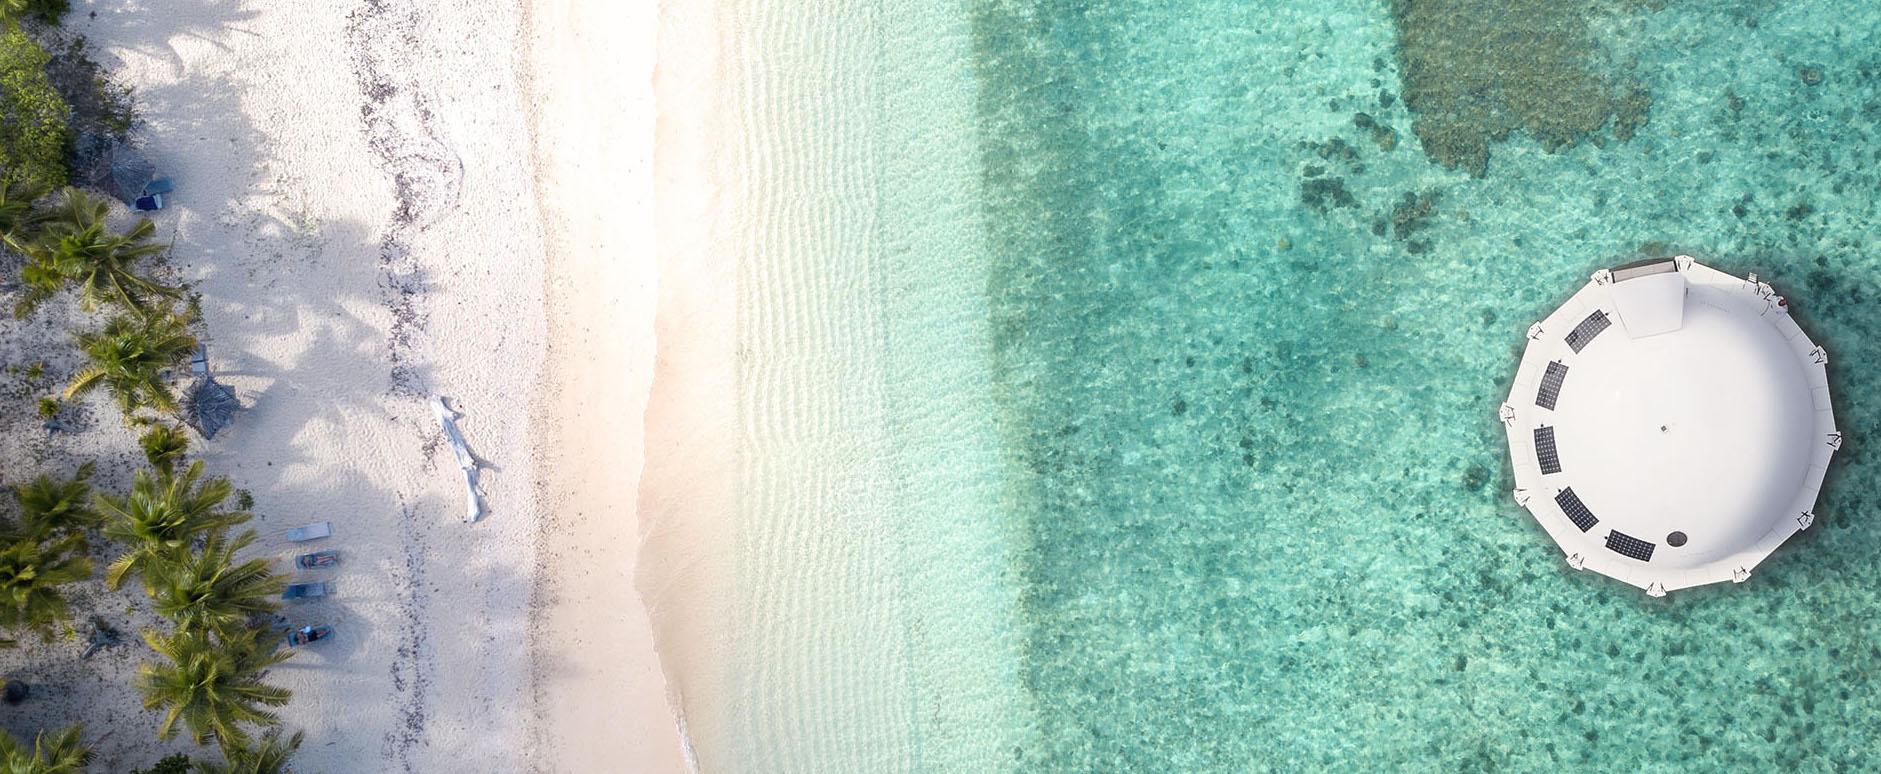 hospedaje de lujo flotante